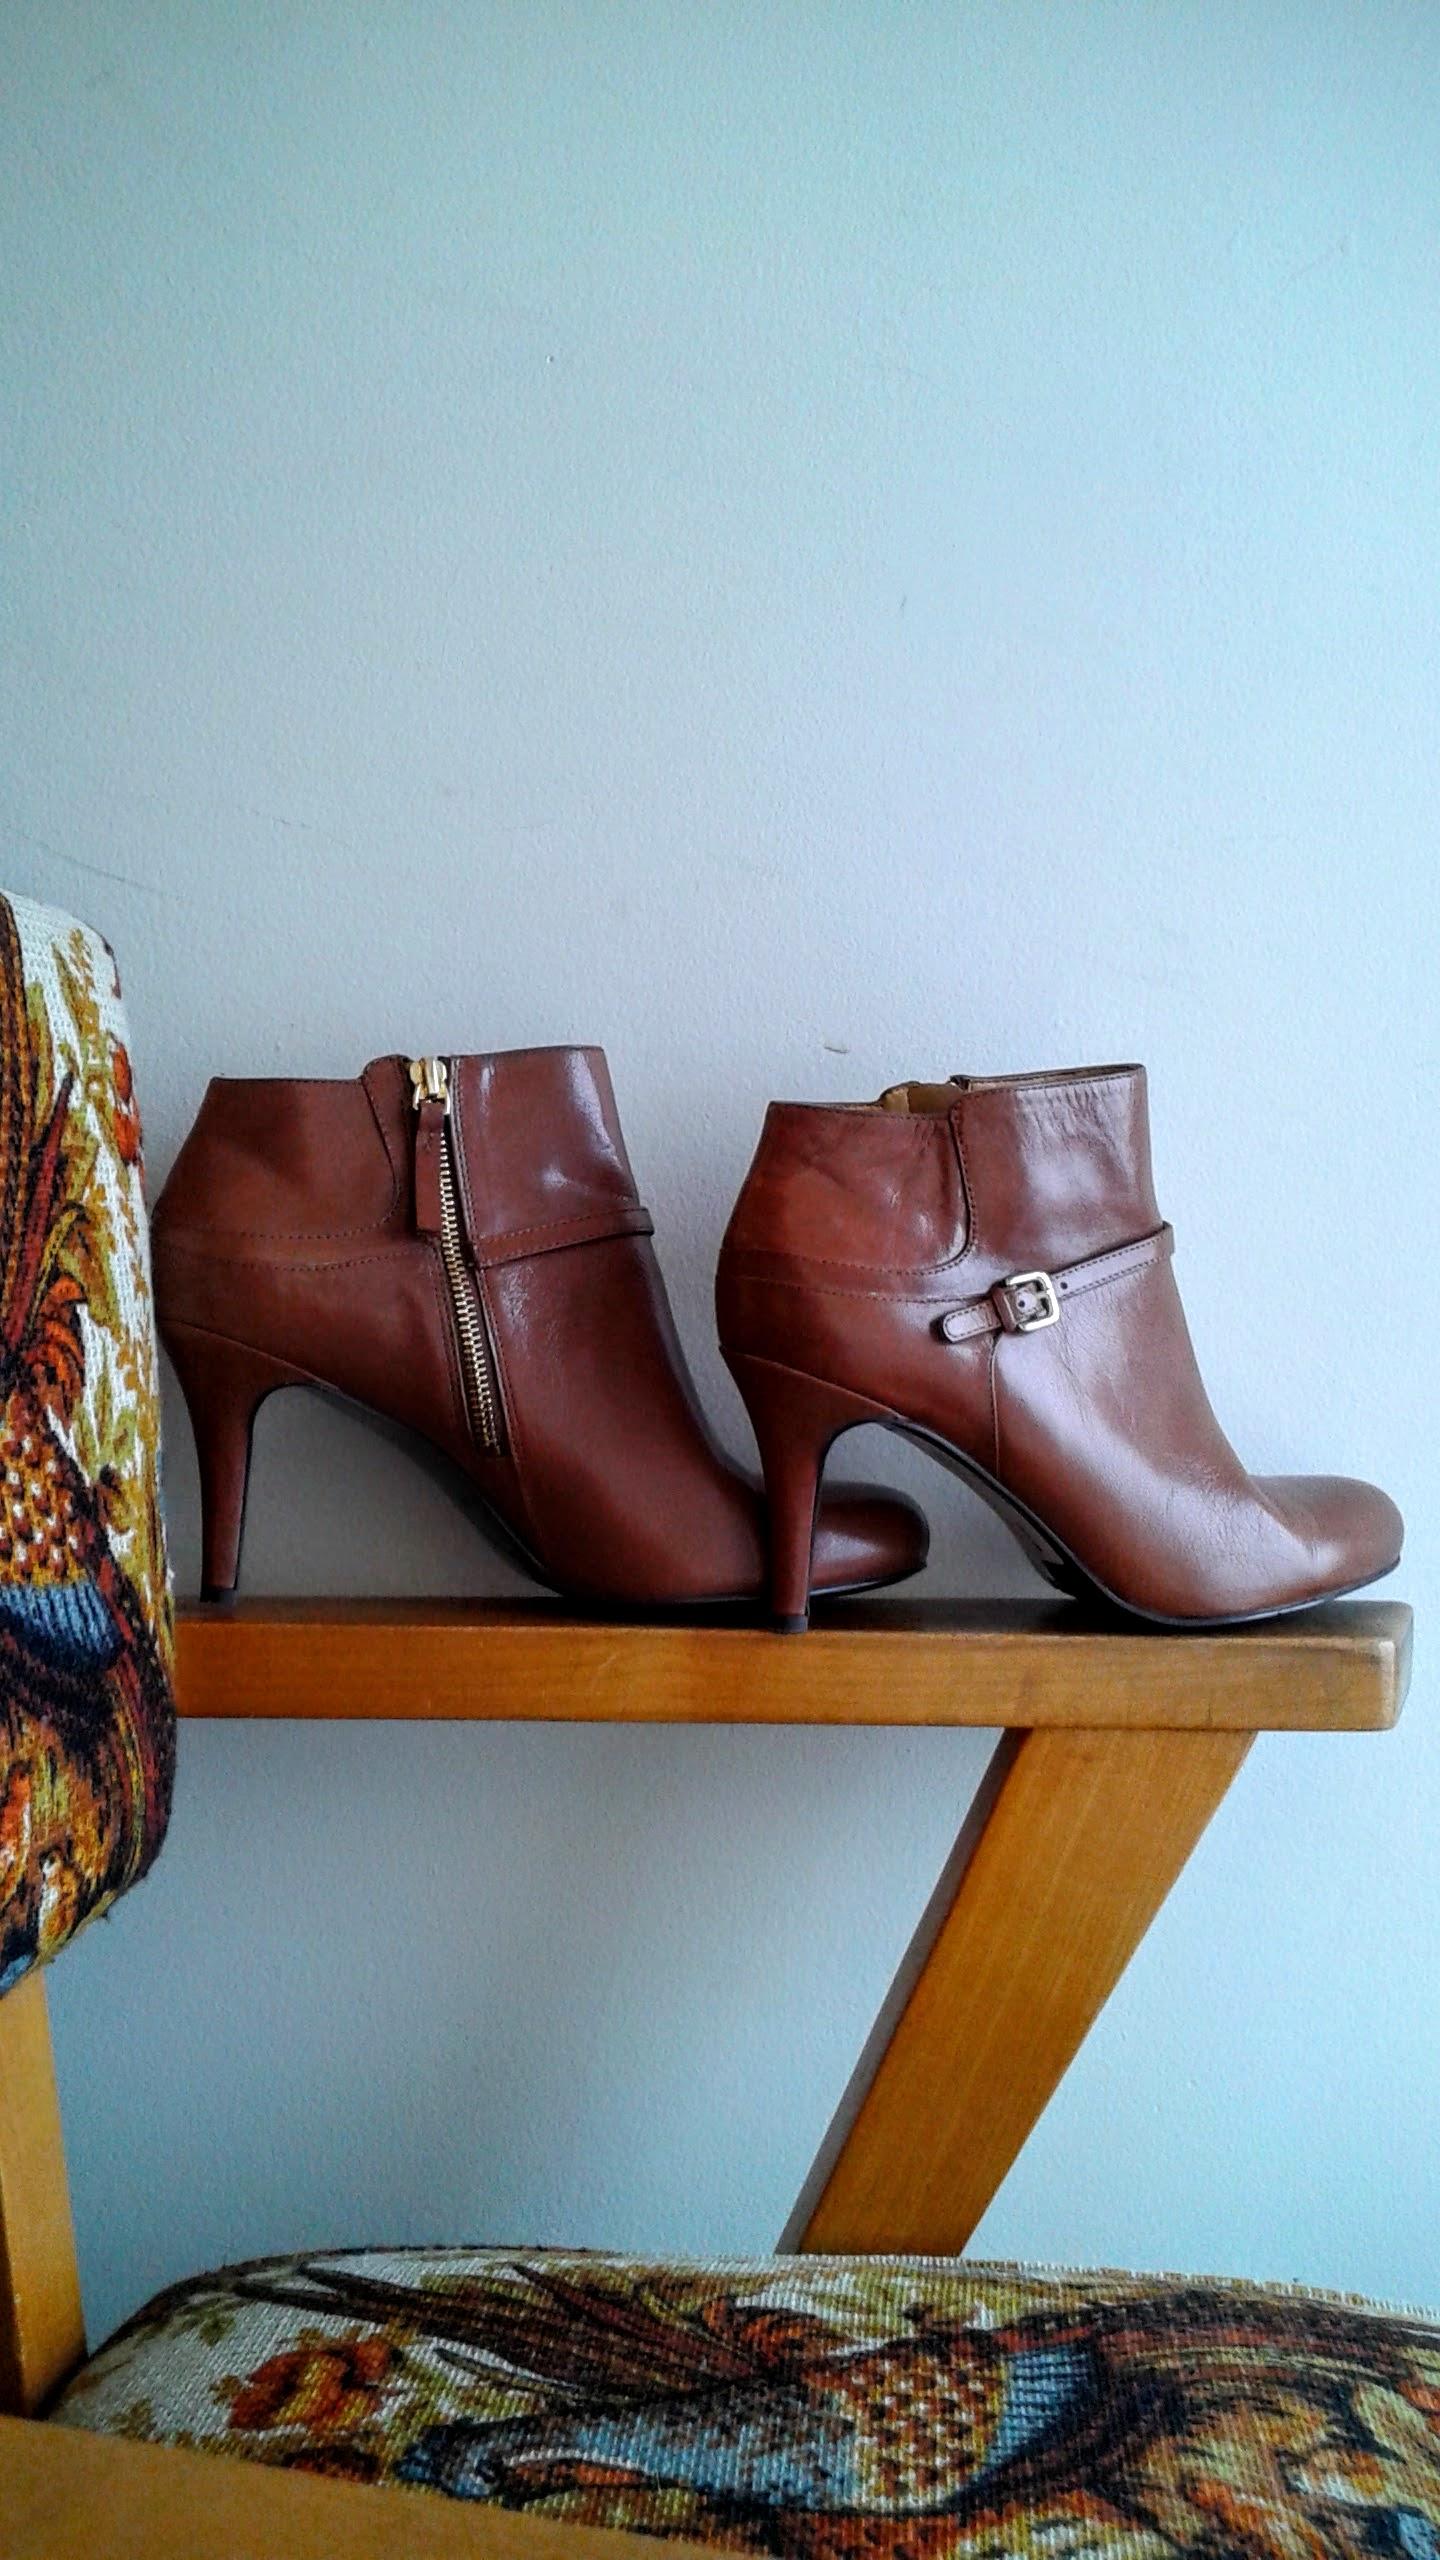 Nine West booties; S9, $60